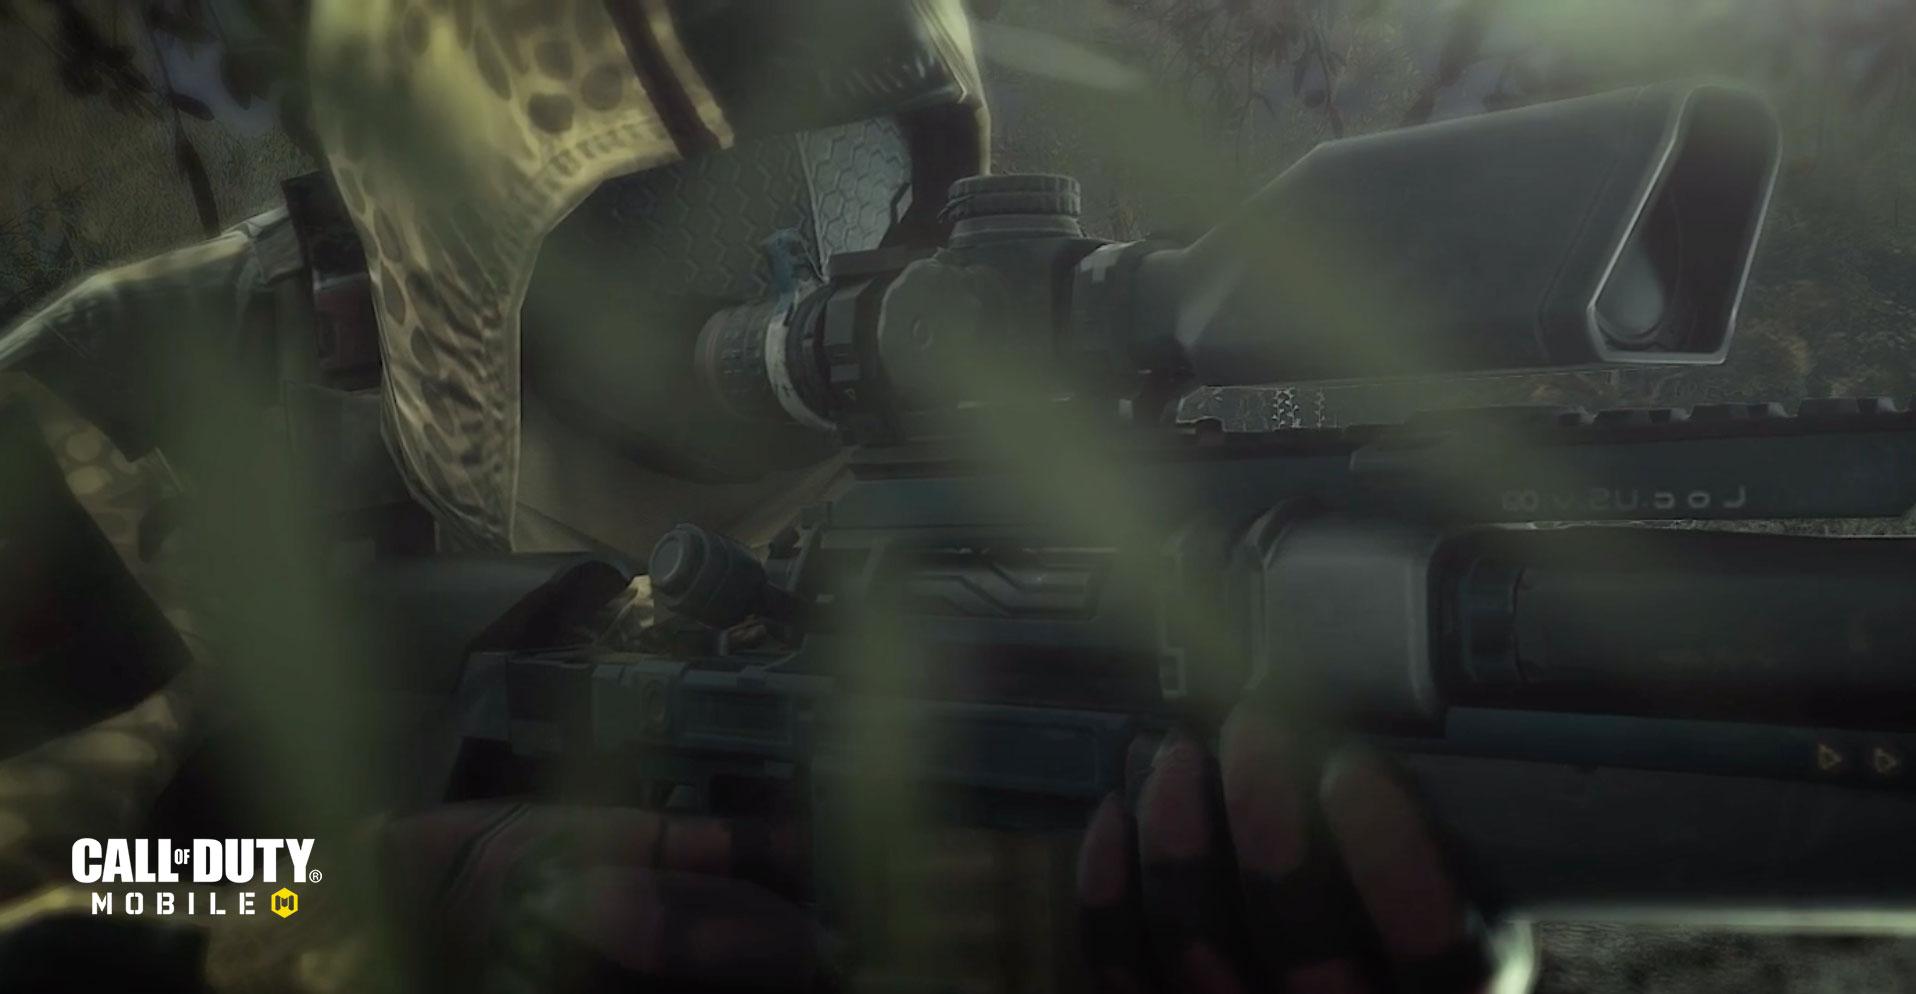 رنک مود در بازی کالاف دیوتی موبایل چیست ؟